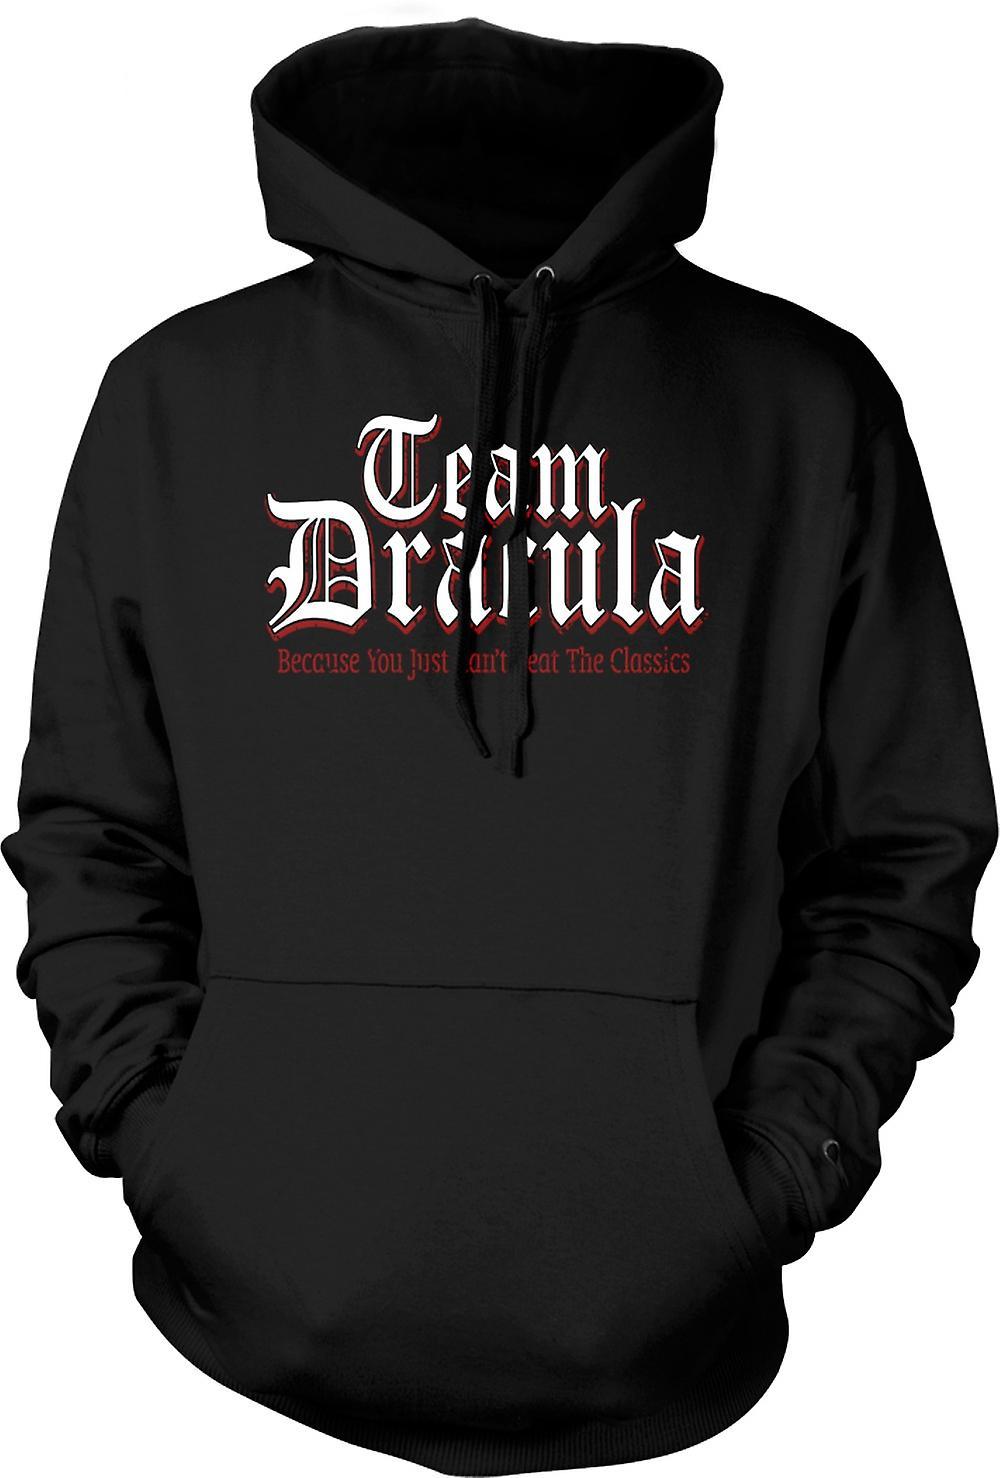 Mens Hoodie - Team Dracula - Funny